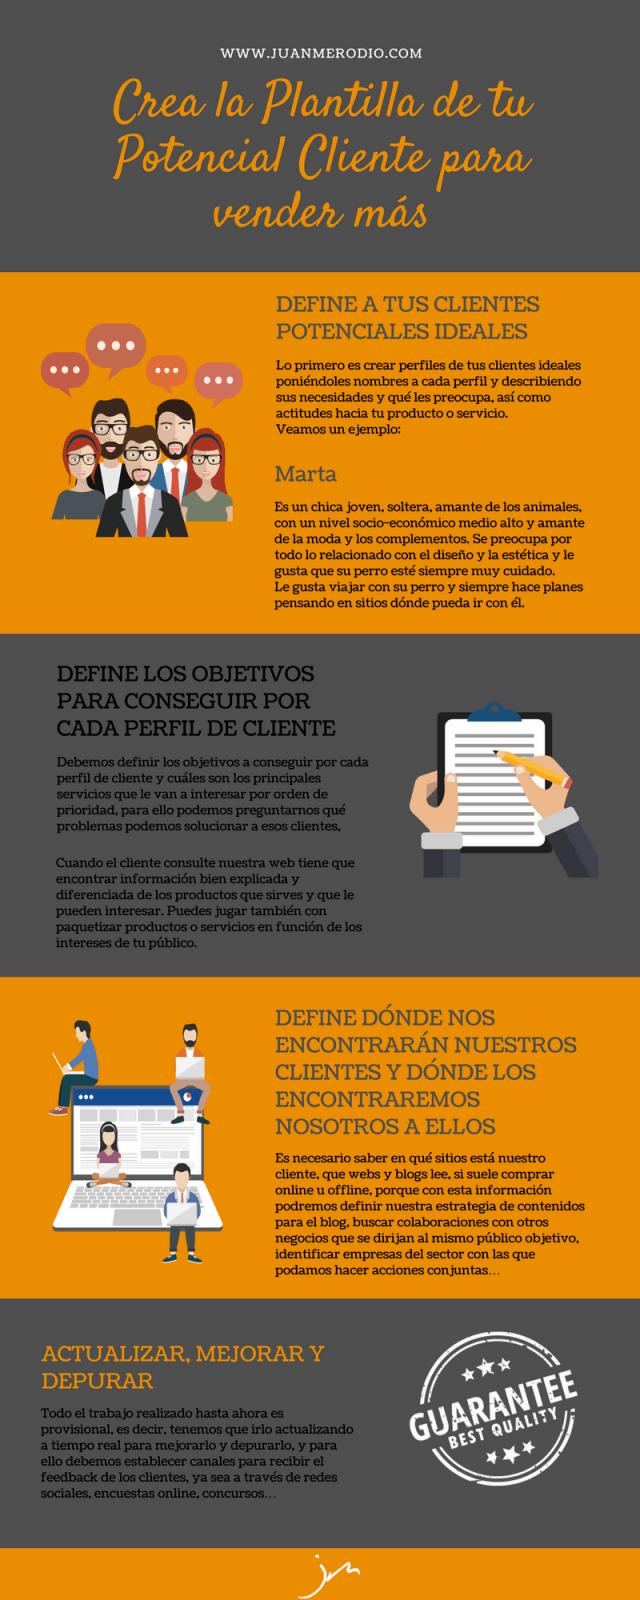 Crear potencial cliente - Juan Merodio